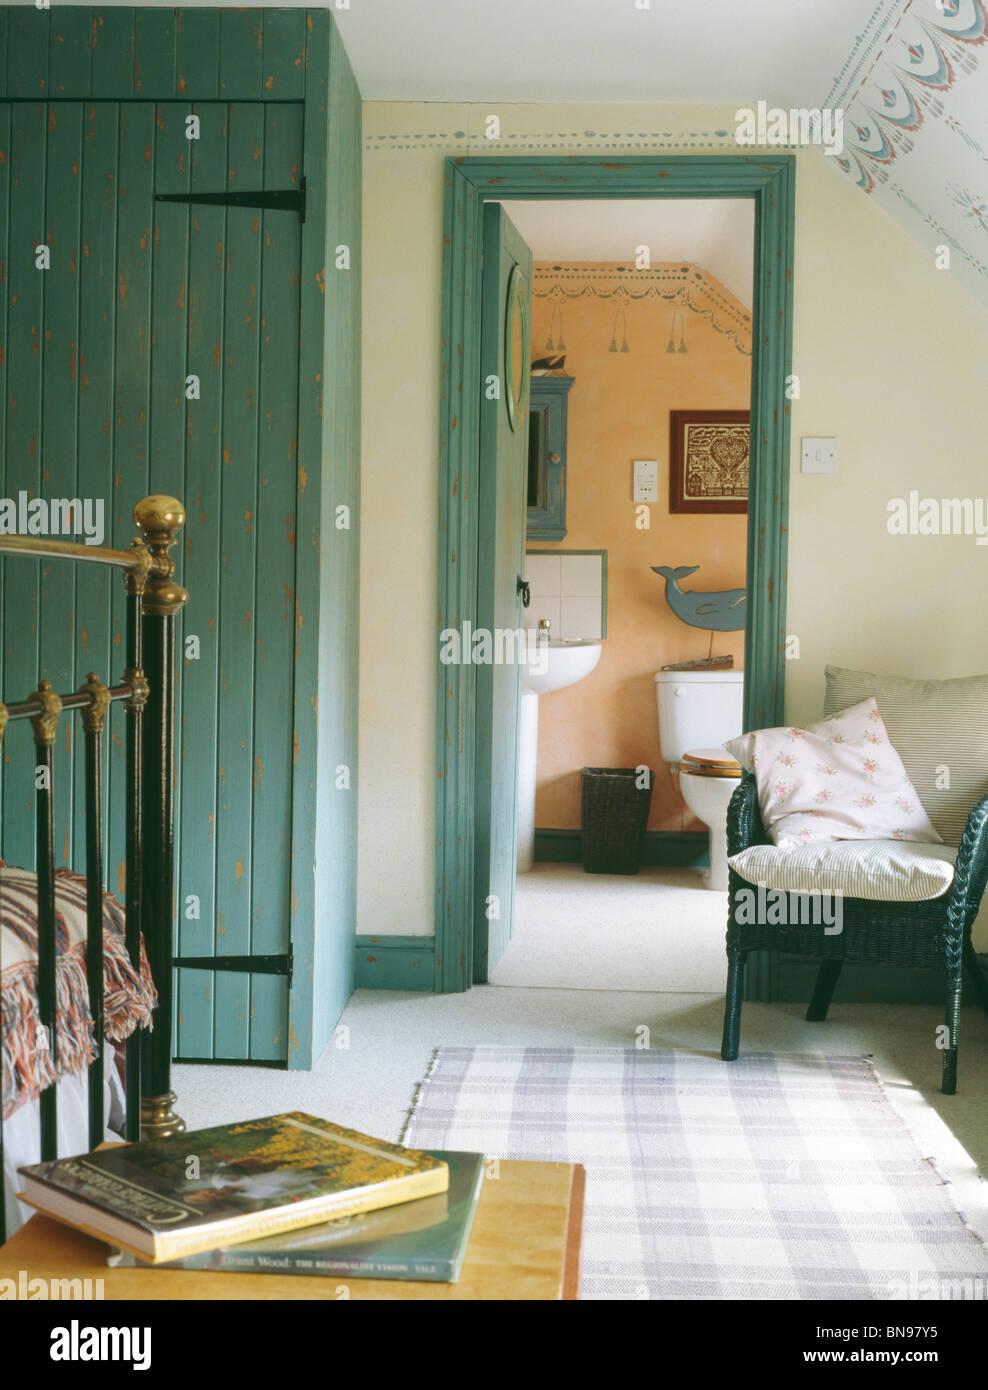 Beautiful Schlafzimmer Tur Offnen #9: Türkis Ausgestattet Schrank Und Tür Rahmen In Traditionellen Schlafzimmer  Mit Aufgegebenen Teppich Auf Dem Boden Und